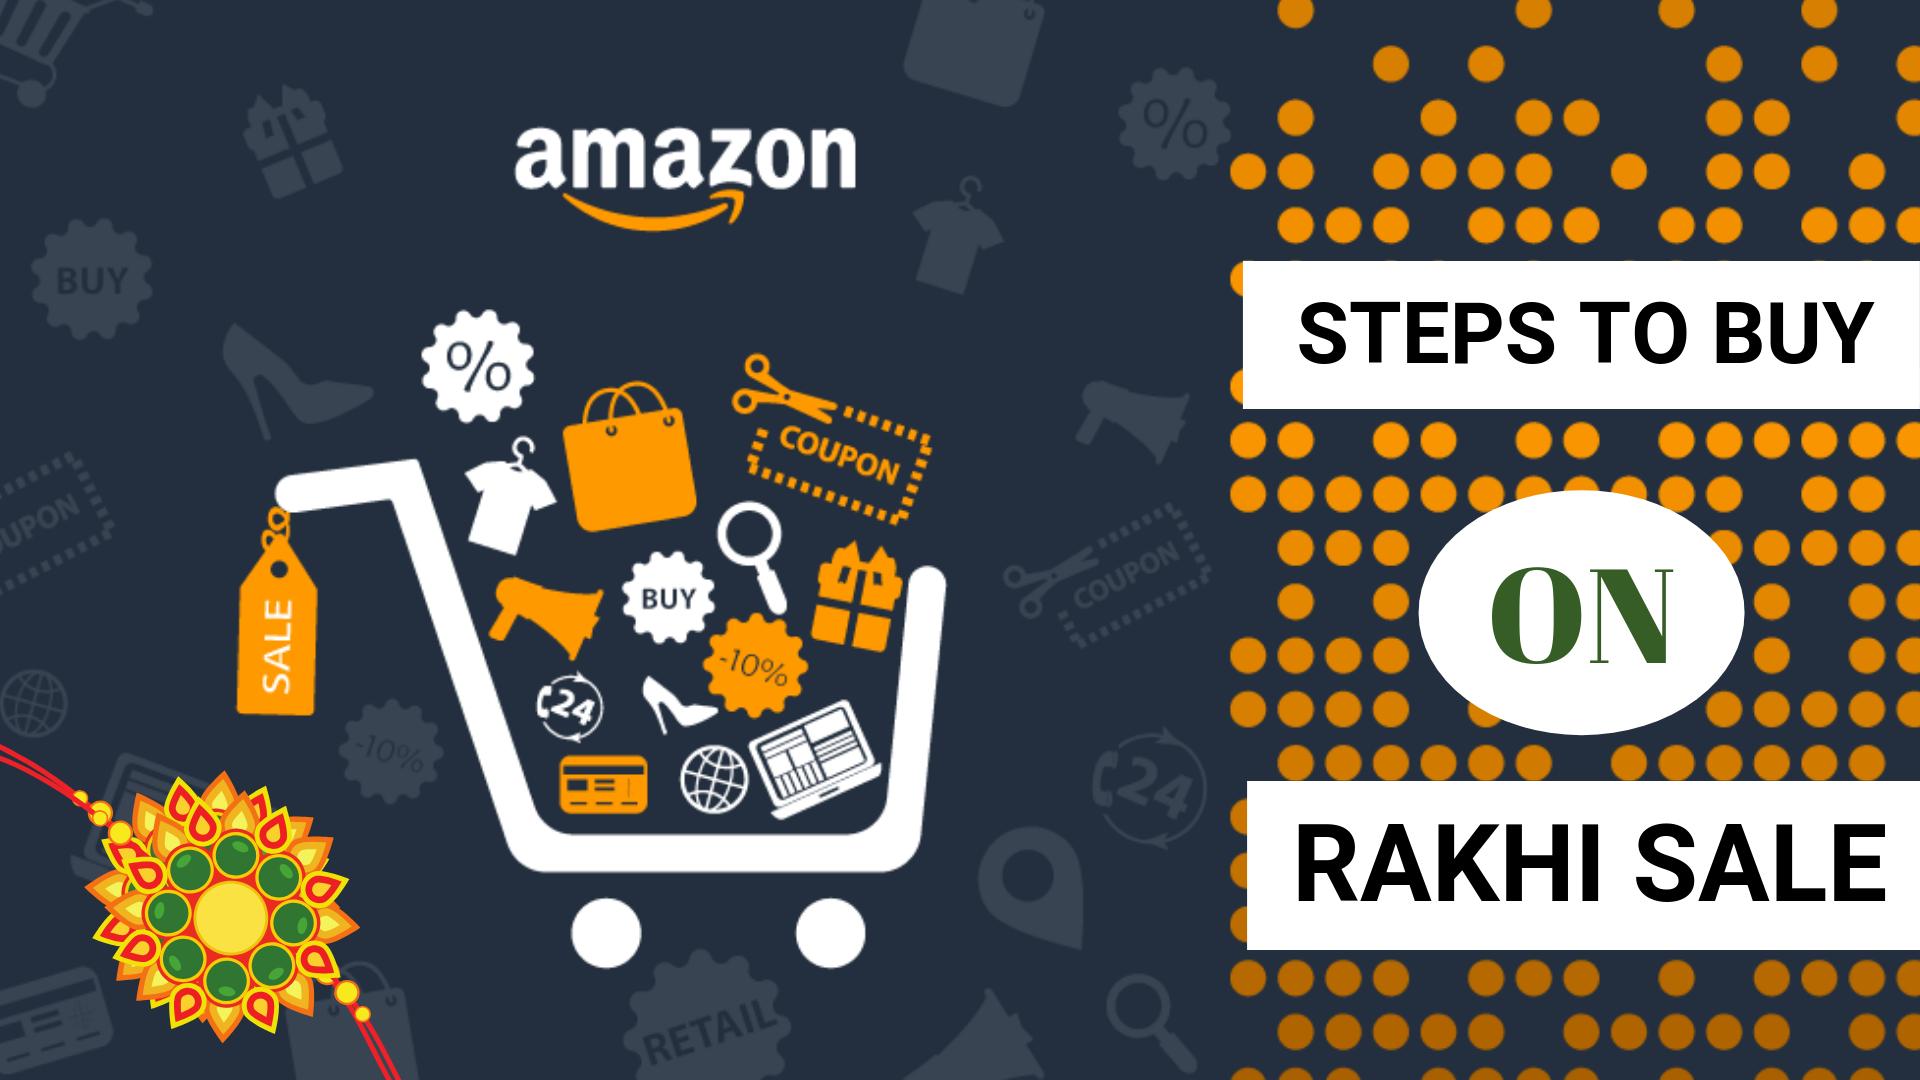 Steps to buy on Amazon Rakhi Sale